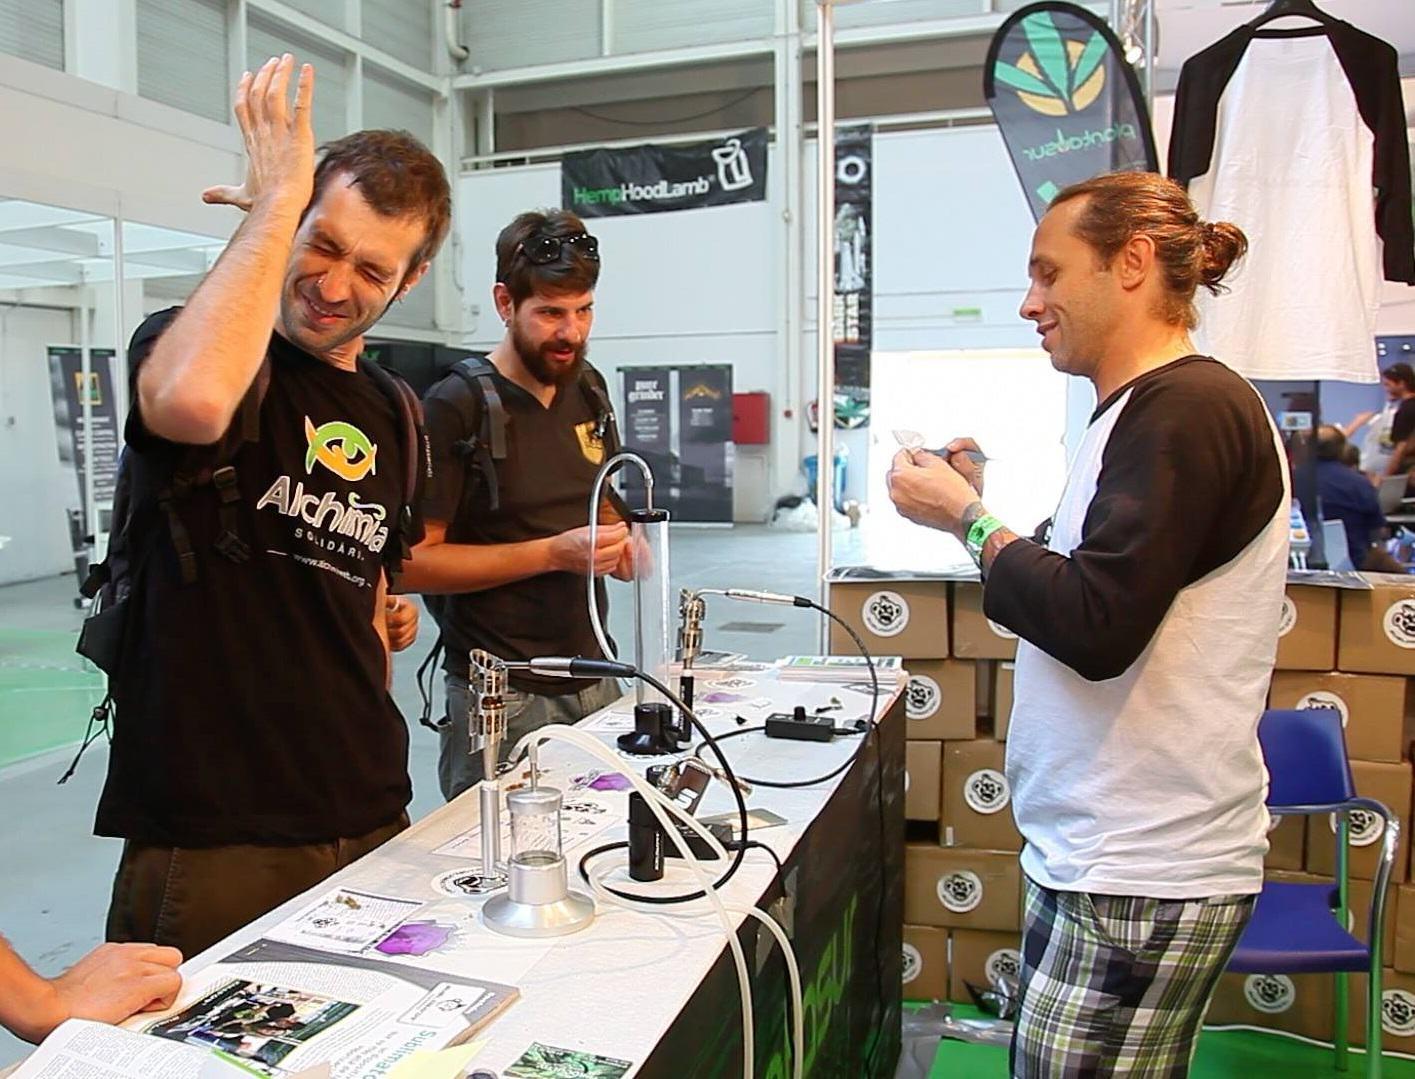 Enrico Bouchard presenta el Sublimator a l'equip de Alchimia